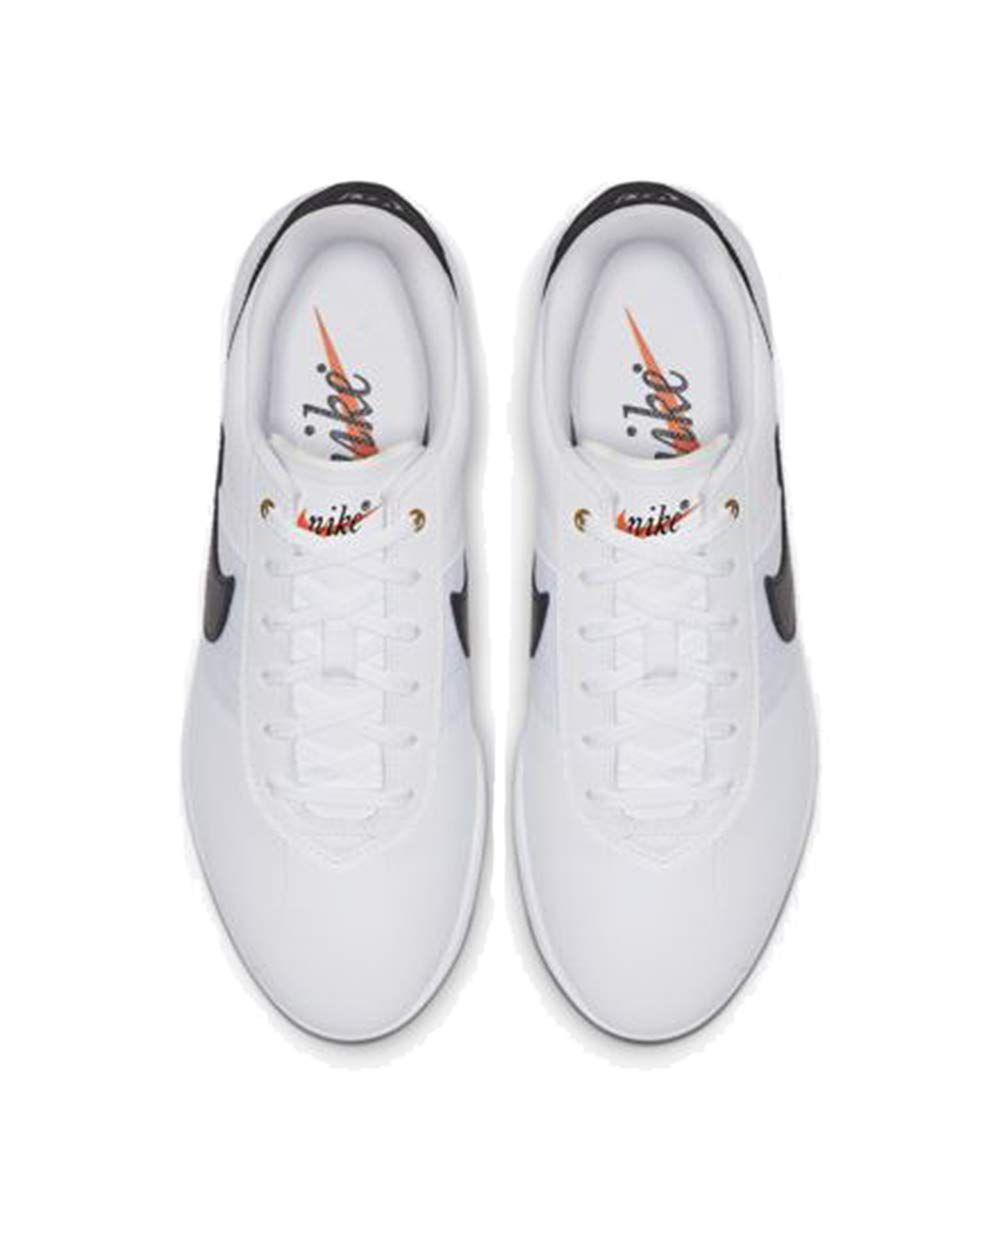 nike golf slippers